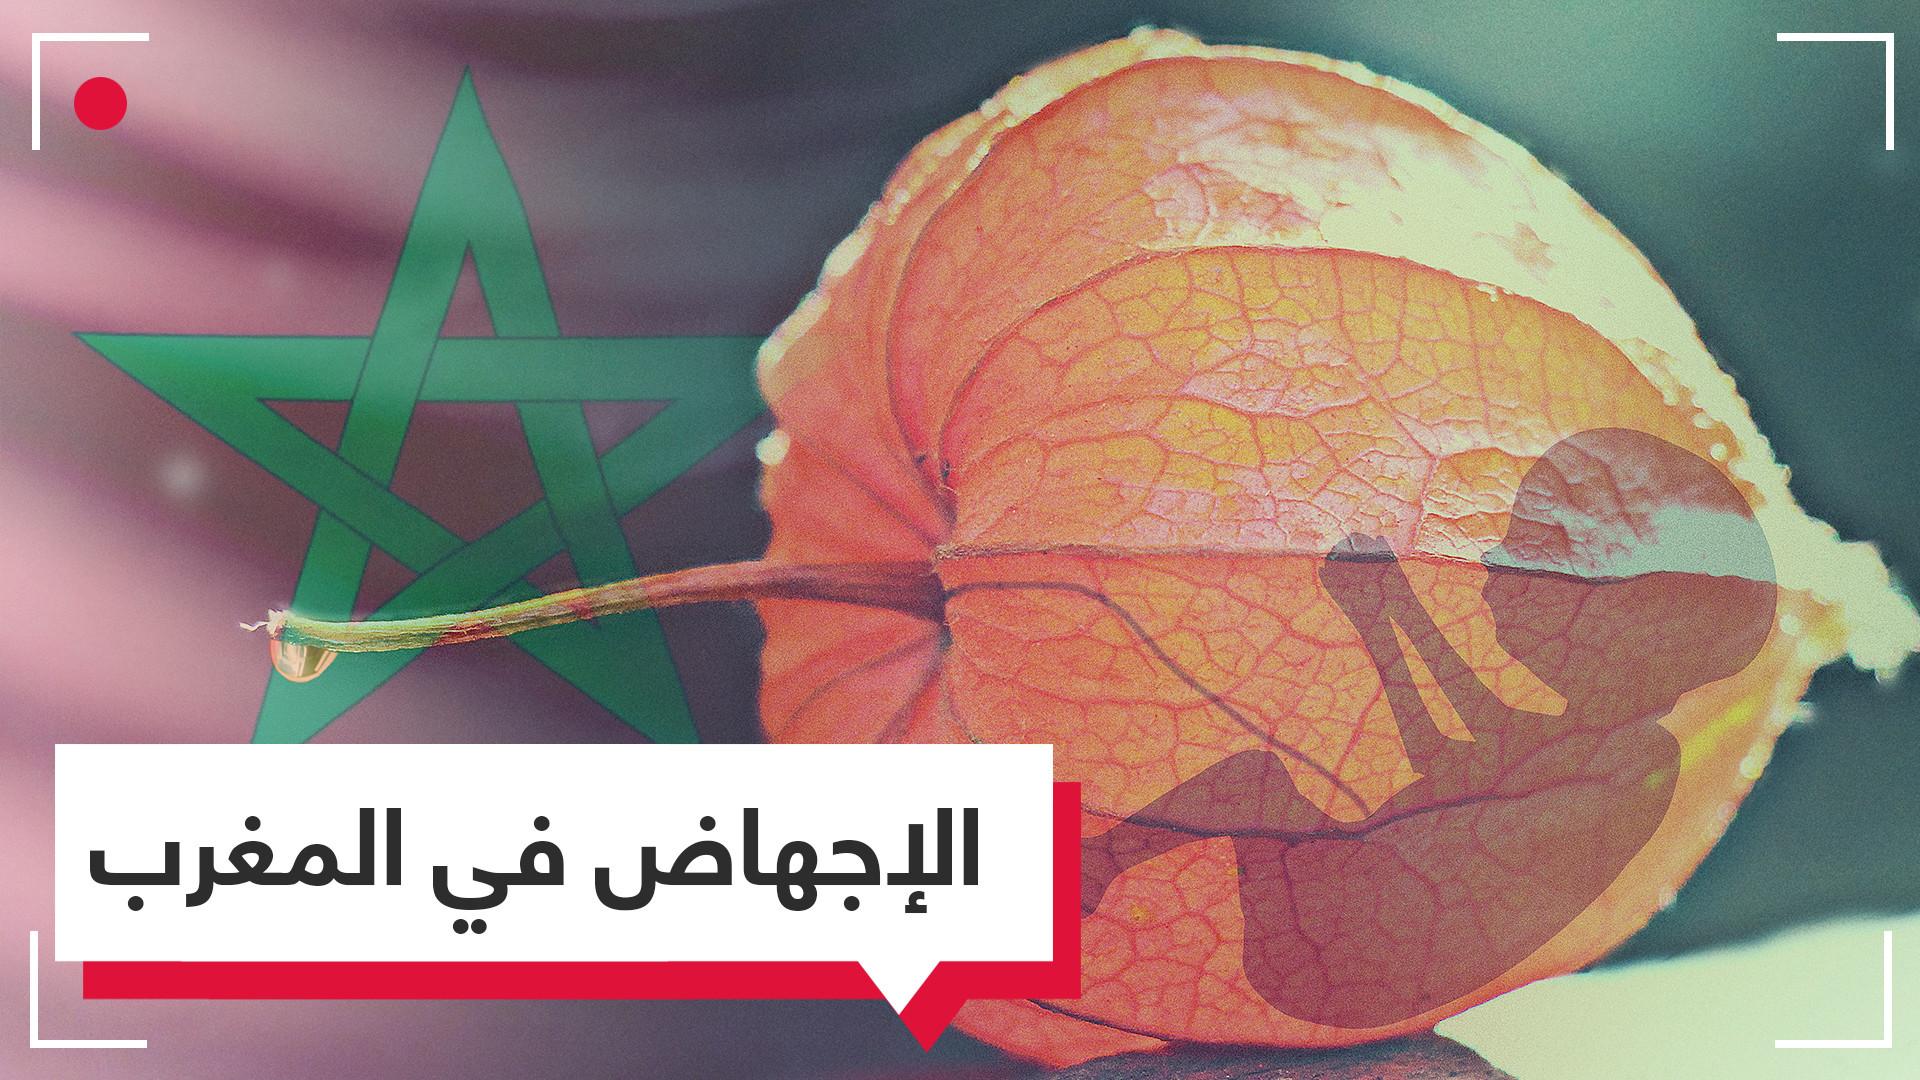 الإجهاض في المغرب.. أرقام صادمة ومطالبات متكررة وتدخل من الملك!